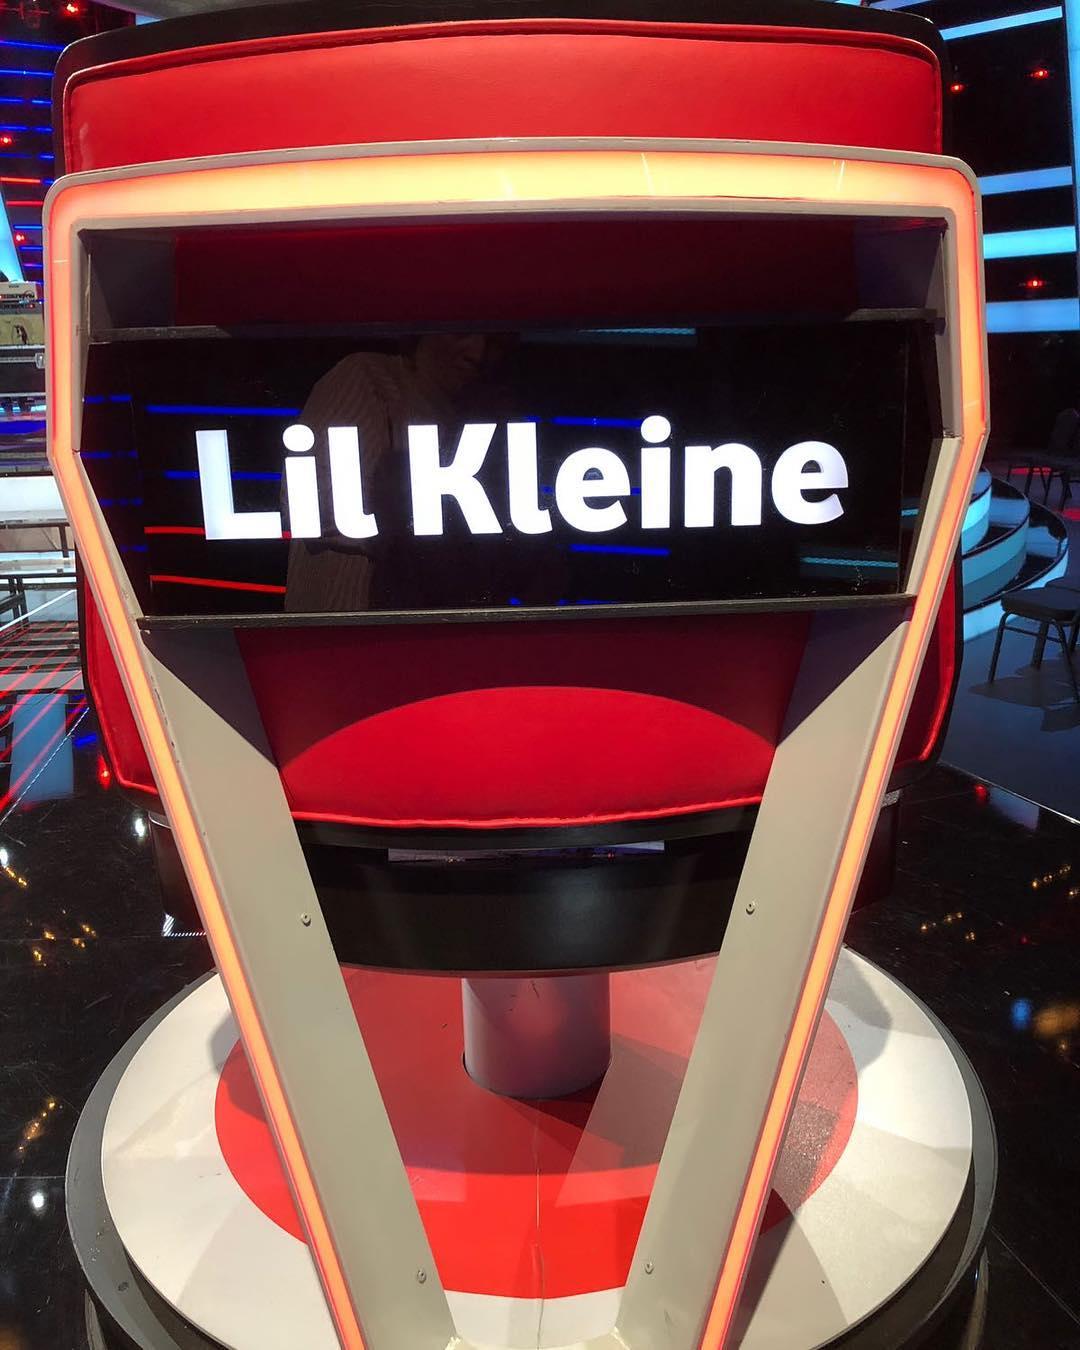 Lil kleine the voice